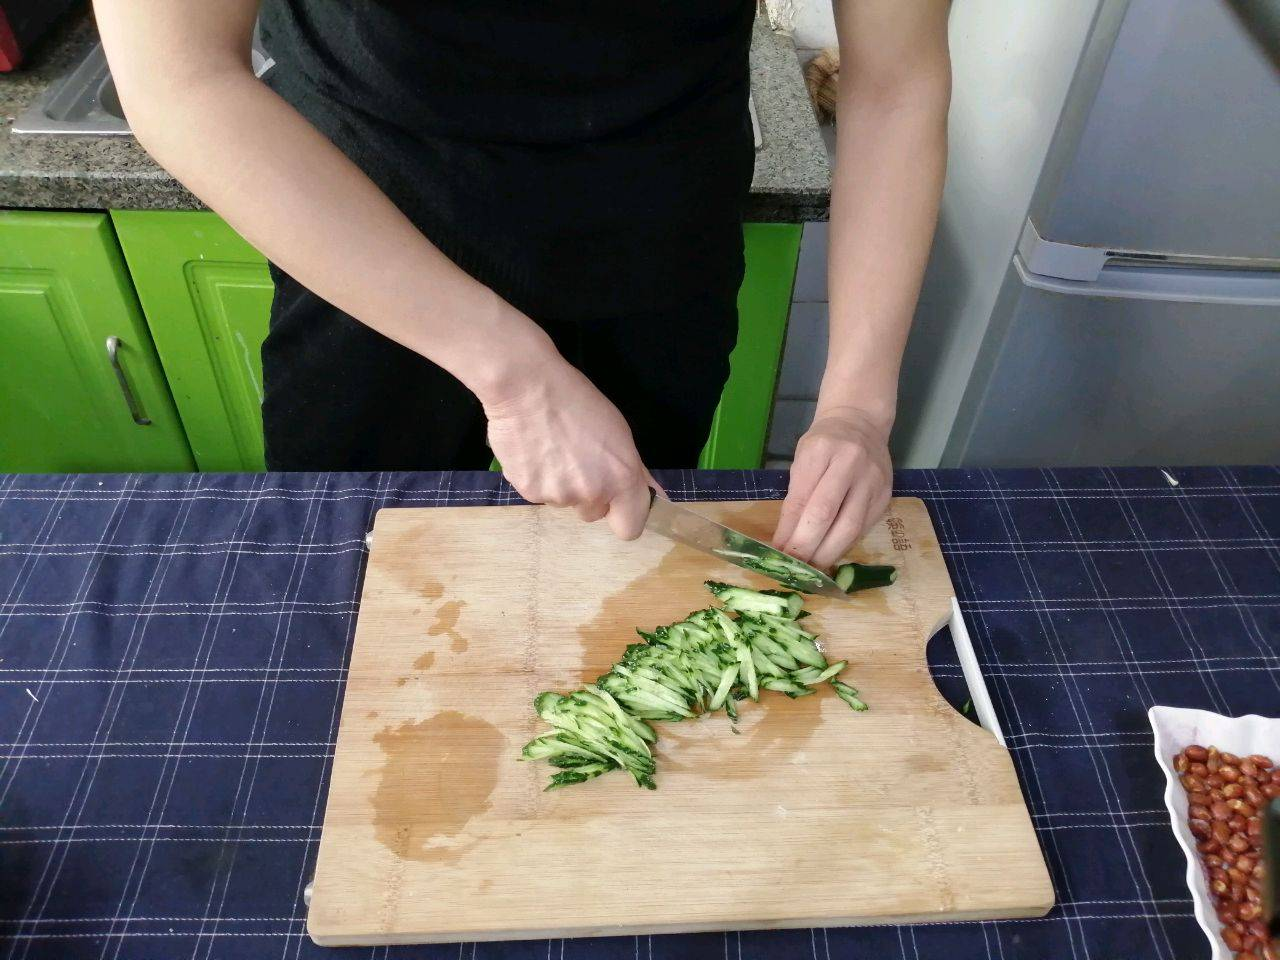 【麻辣凉拌面】的做法+配方,劲道又好吃,味道_携程美食林